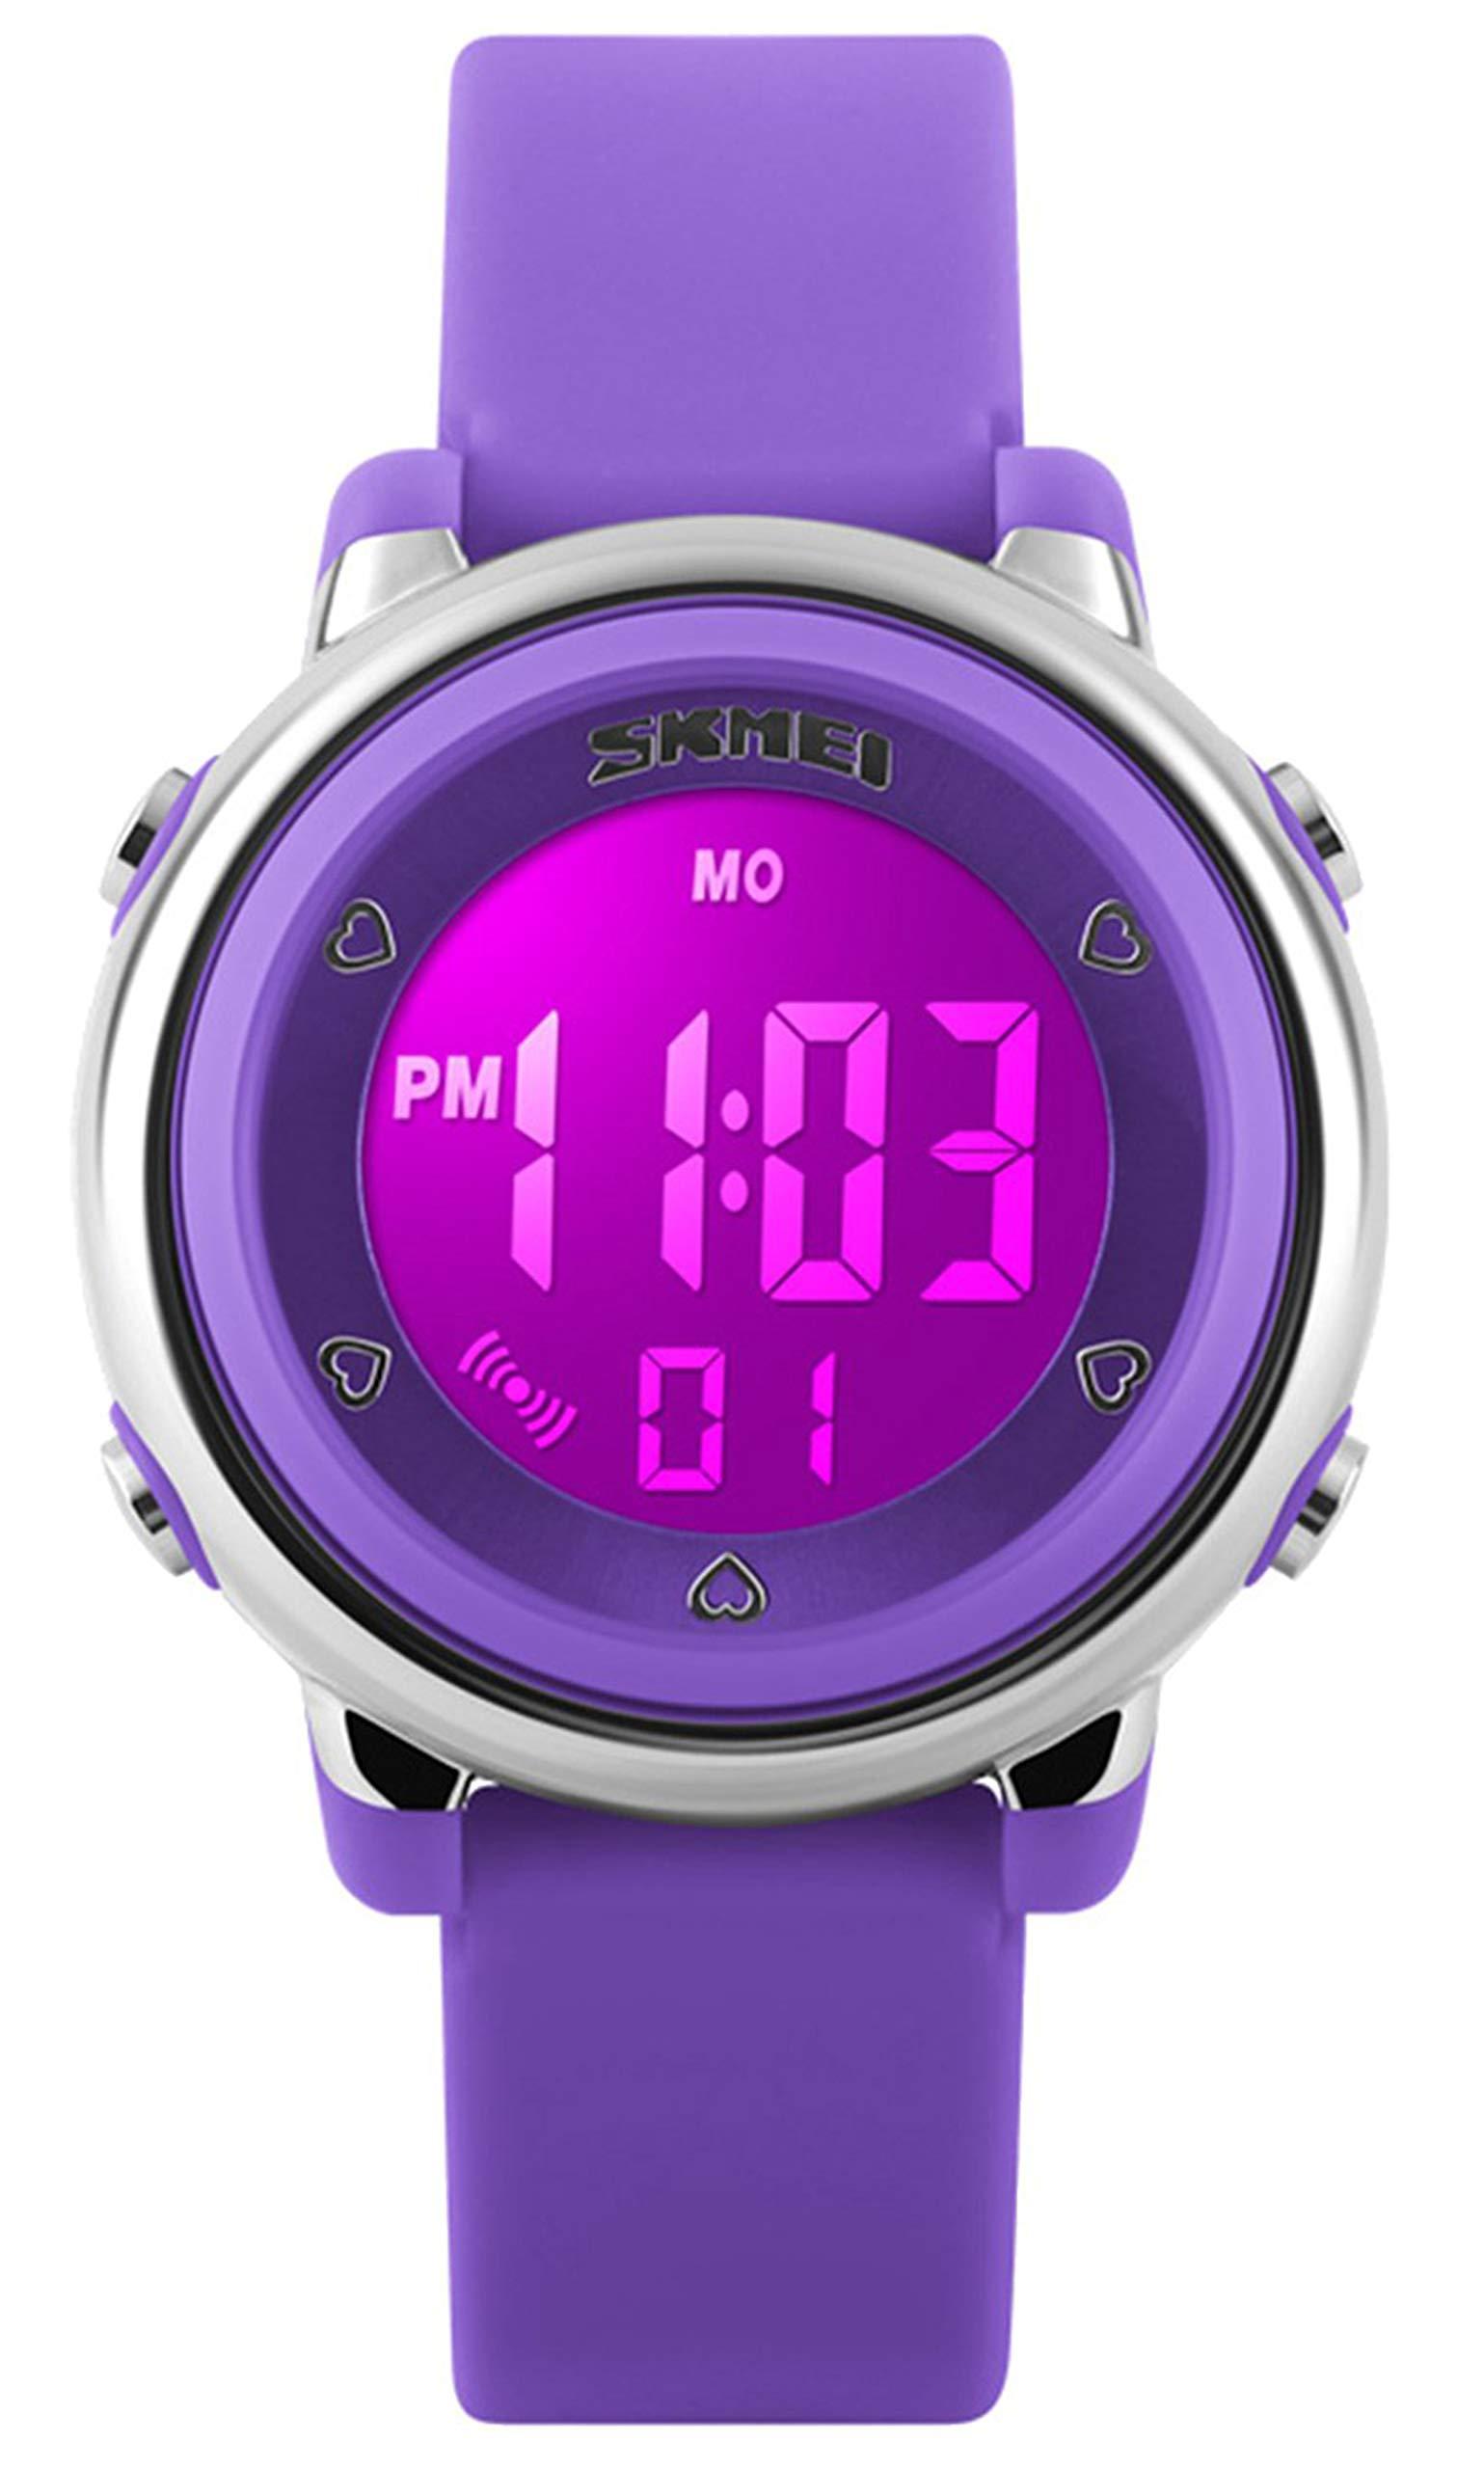 Kid Watch Multi Function 50M Waterproof Sport LED Alarm Stopwatch Digital Child Wristwatch for Boy Girl Purple by USWAT